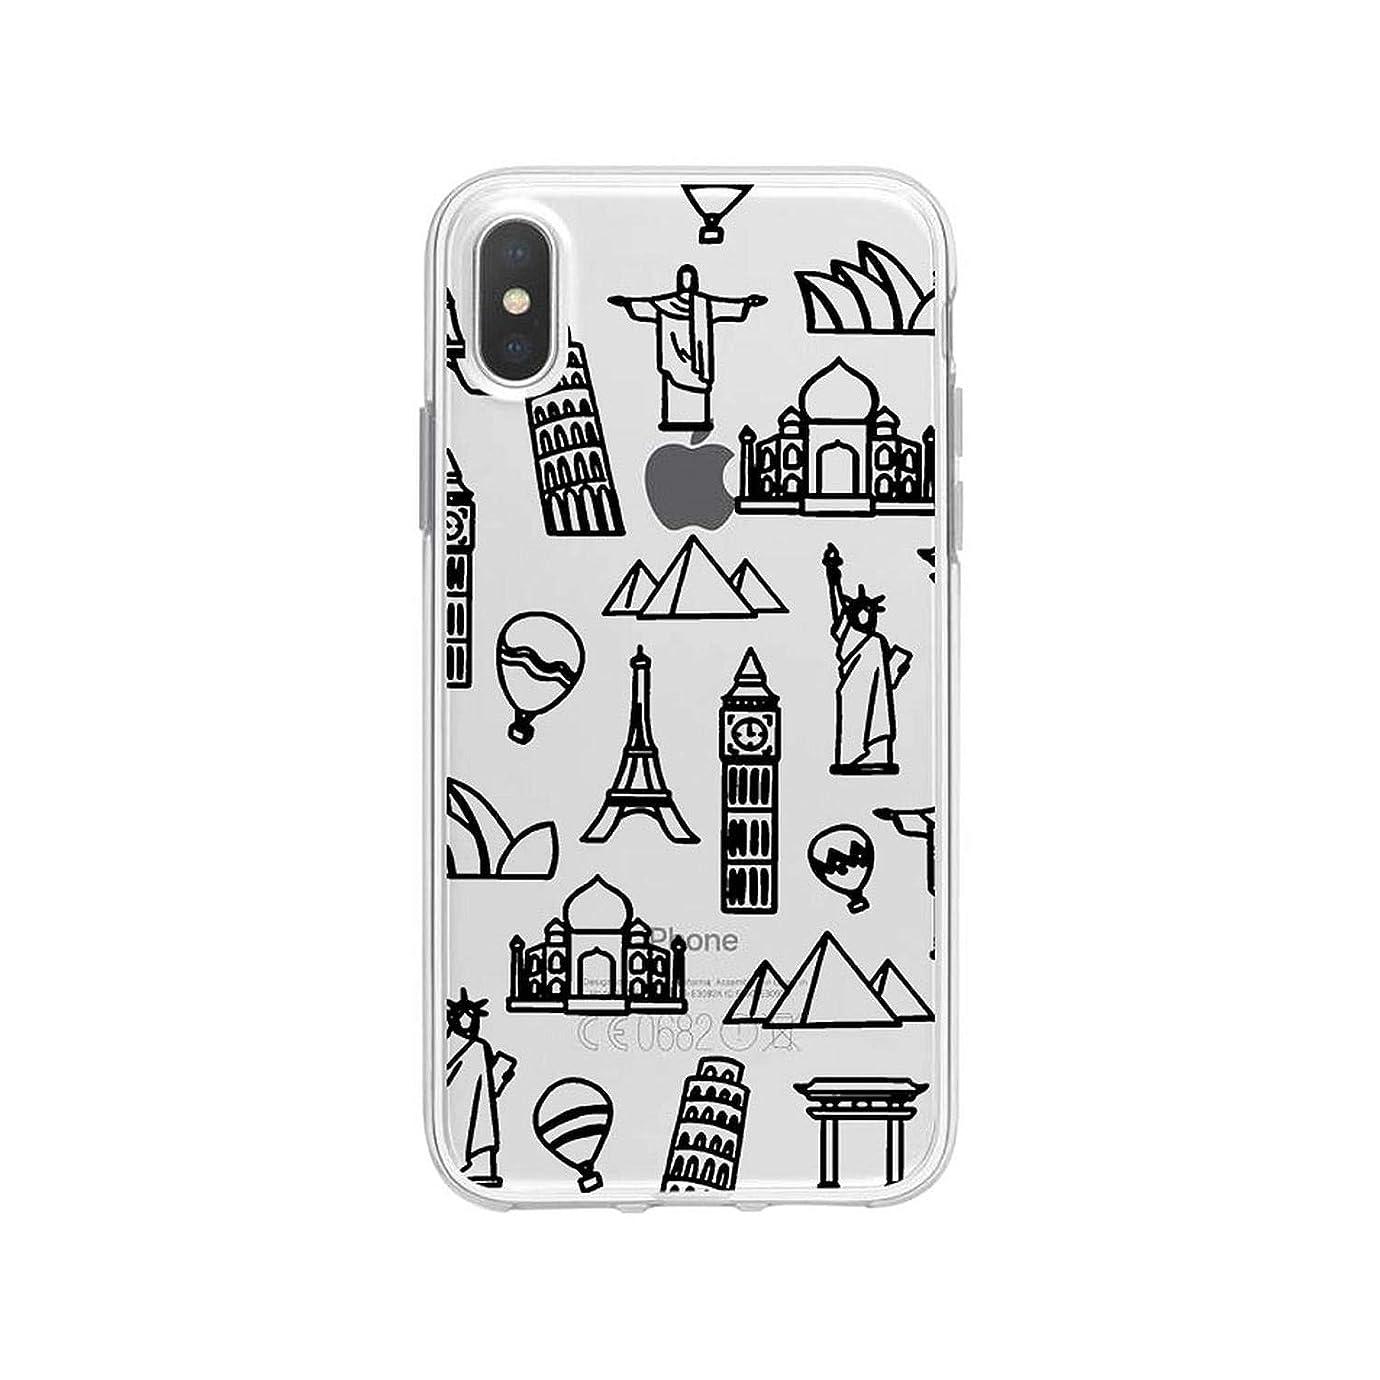 によると決済バルブ旅行透明電話ケースfor iphone XR XS最大X XSケース高級世界地図旅行ソフトTpuカバーfor iphone 6 7p 8p-A203642-for for iphone 11 Pro